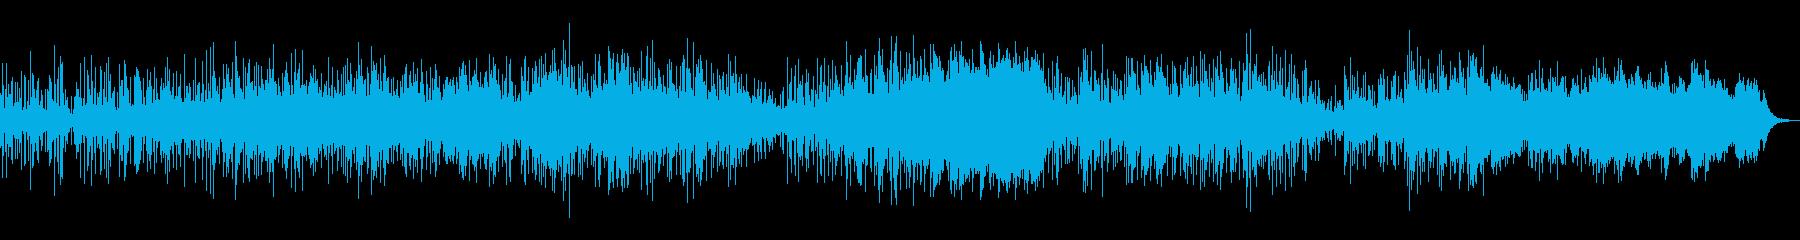 神秘的で広がりのあるシンセのアンビエントの再生済みの波形